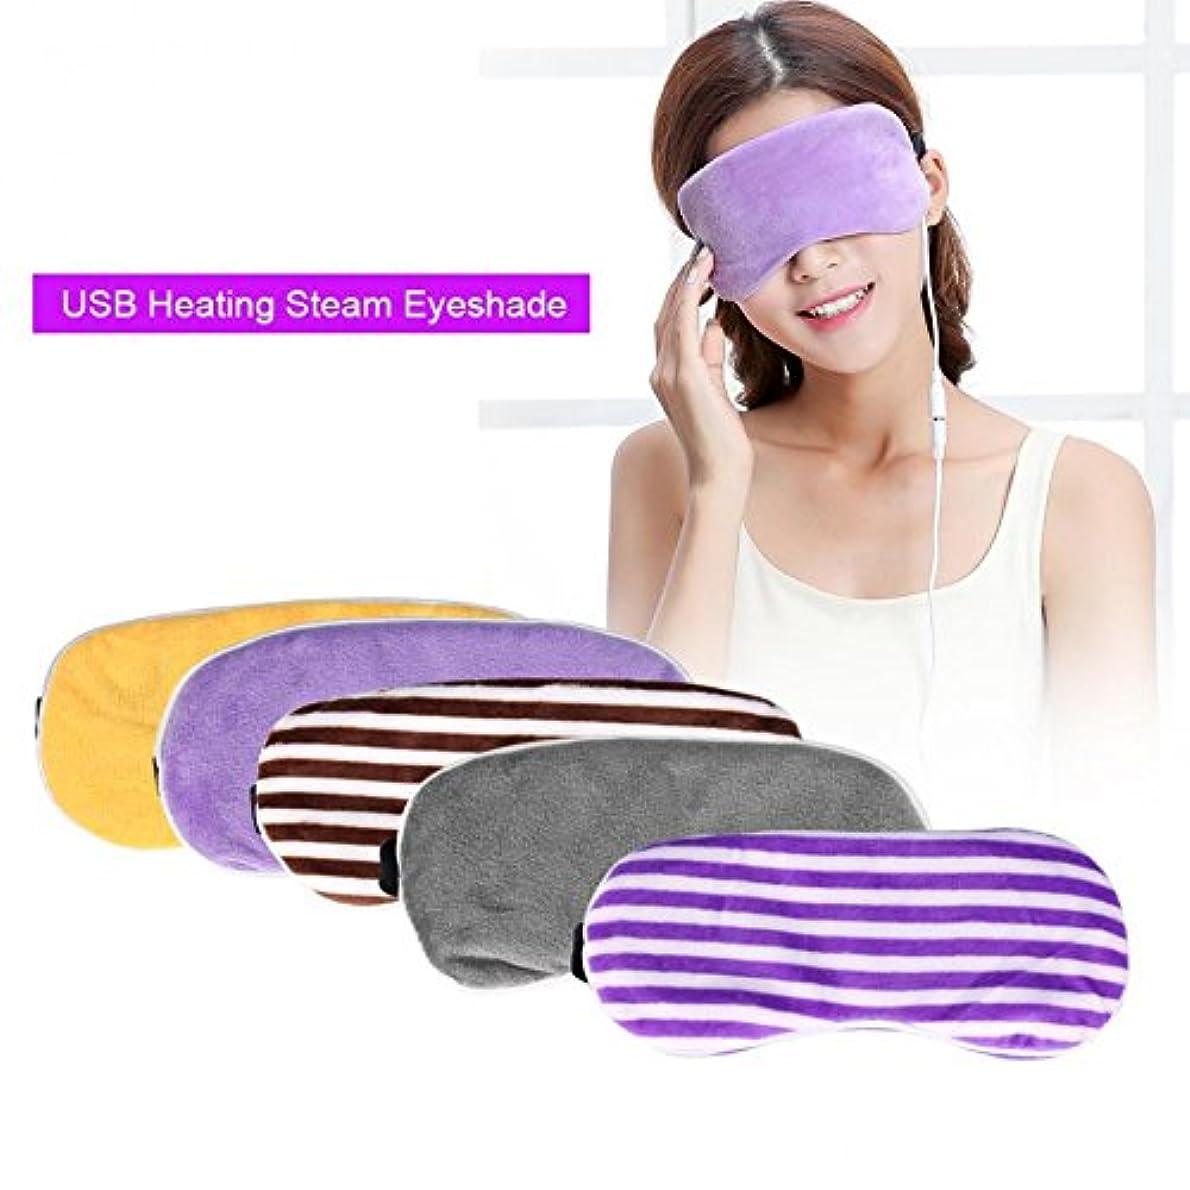 ポップなかなかブレンド注5色USB暖房スチームアイマスクしわ防止アイパッチアイマッサージャー疲労緩和睡眠旅行目隠し軽減疲労